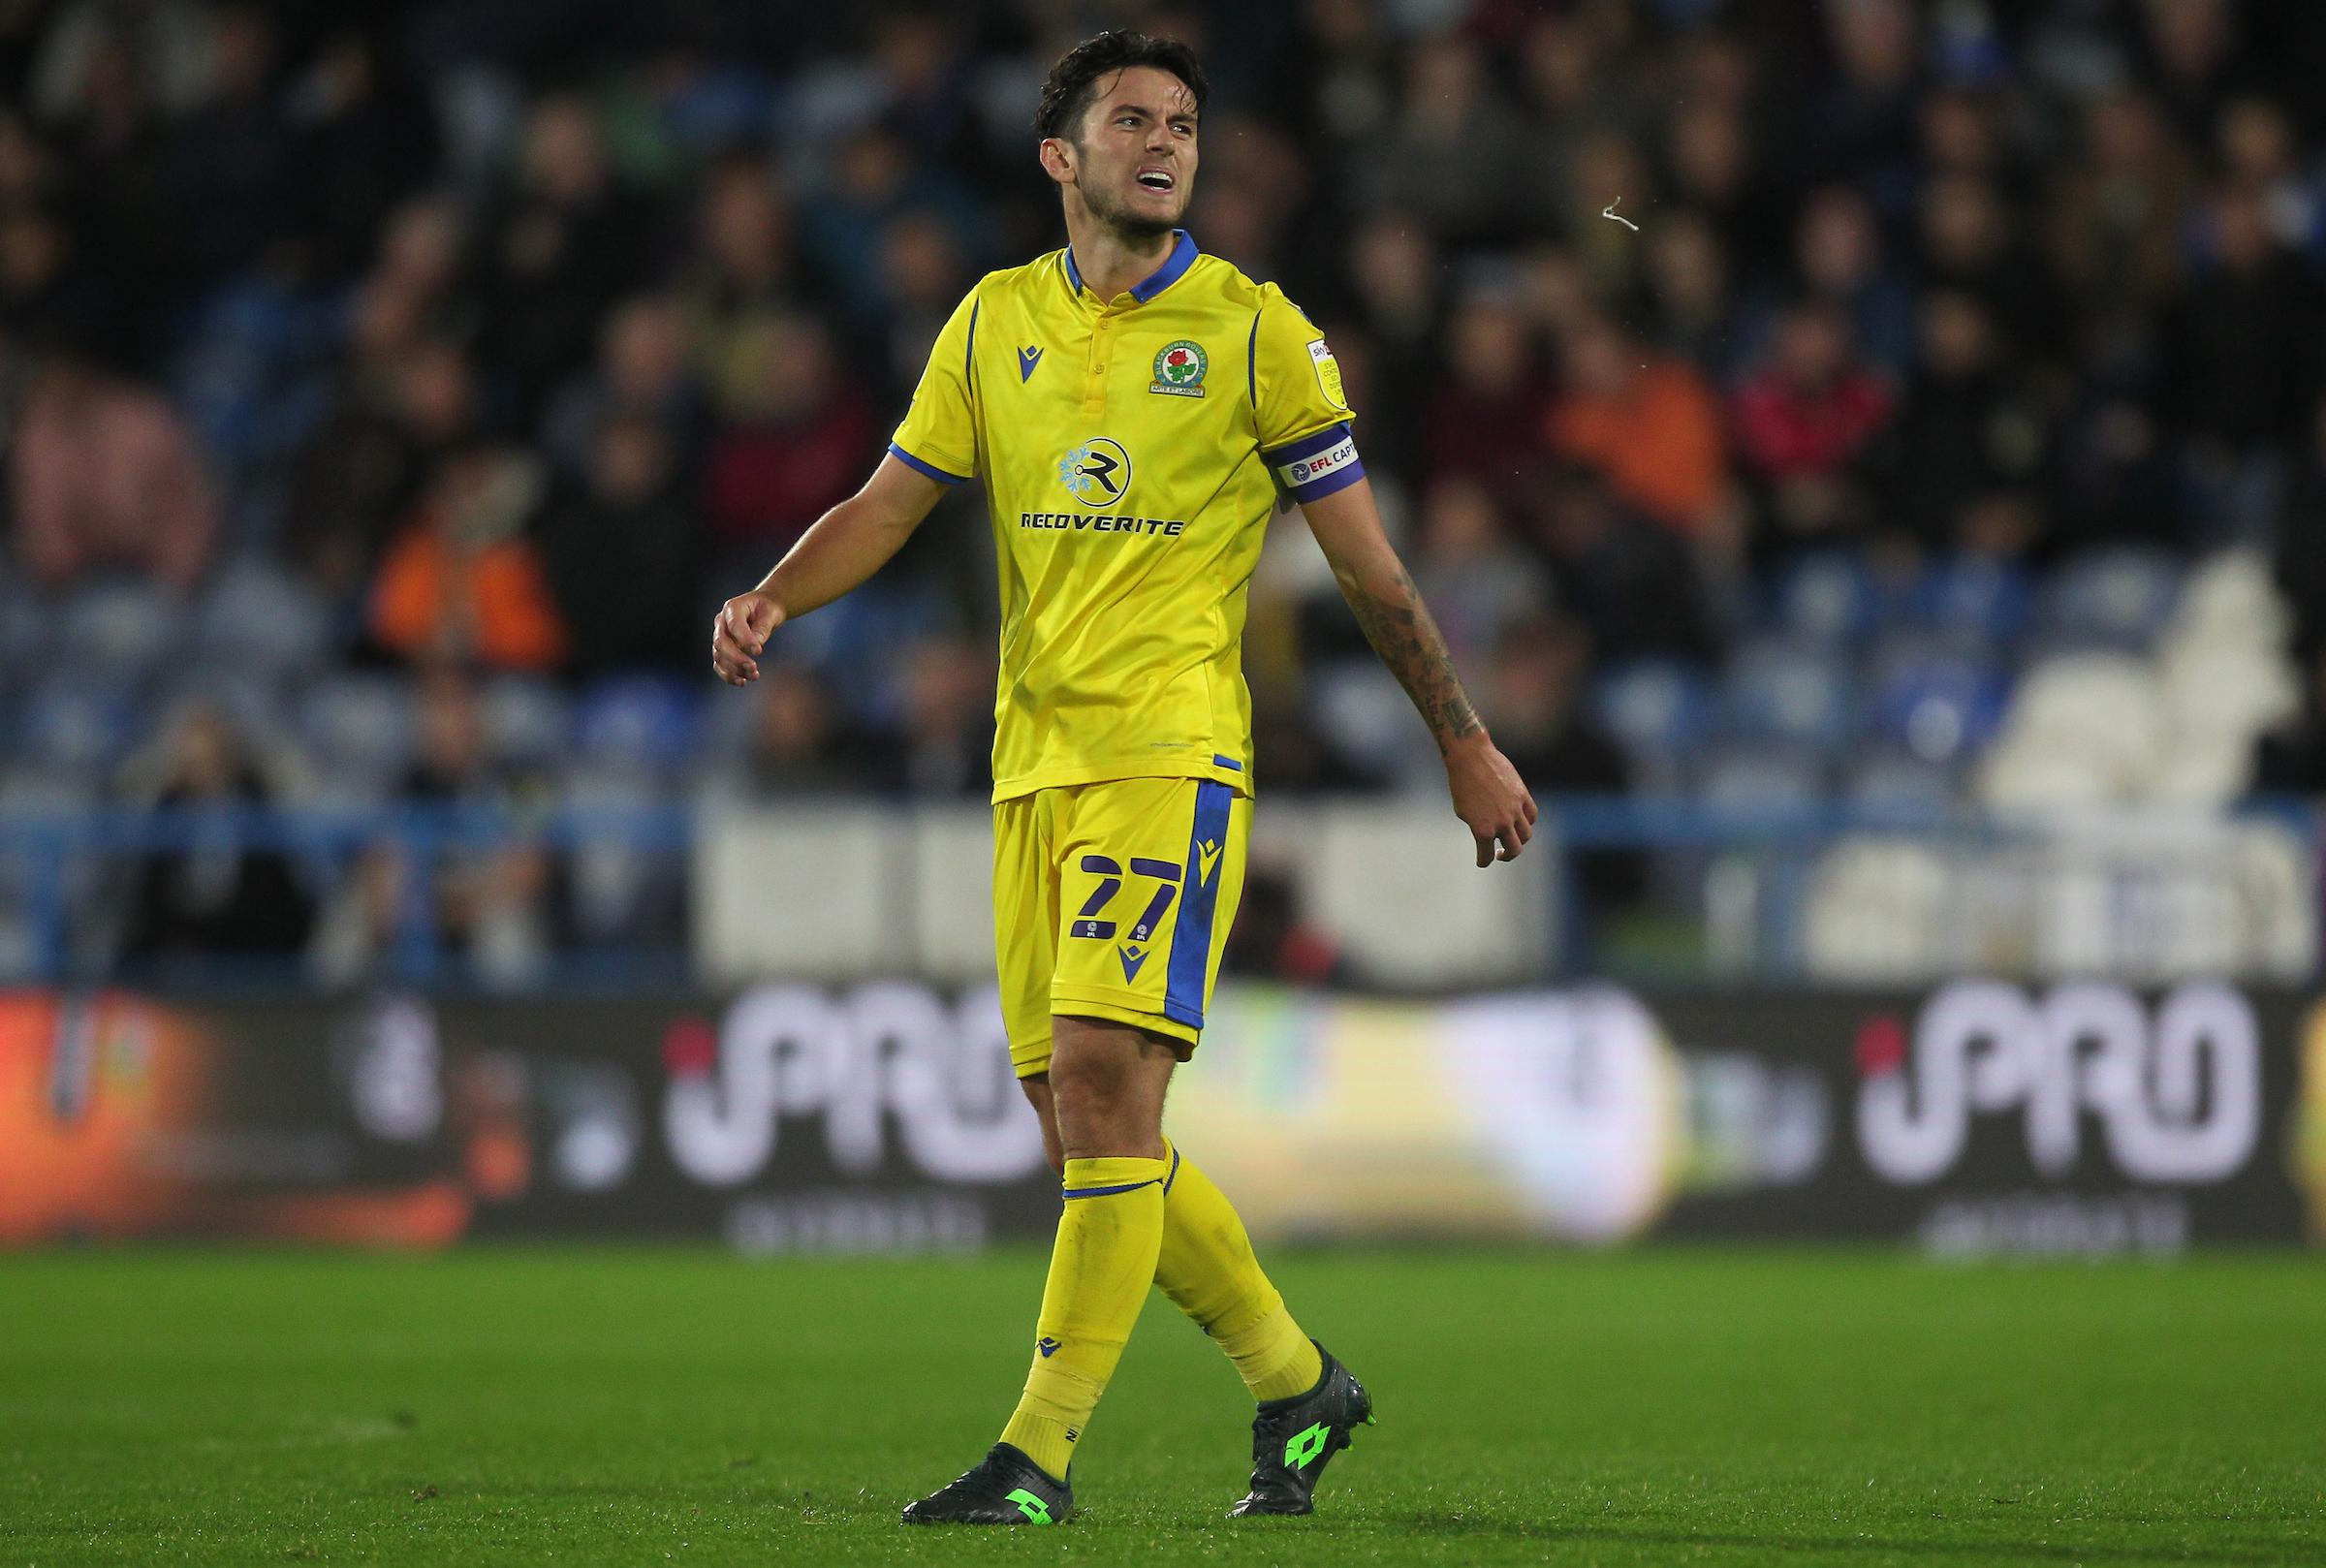 Lewis Travis de Blackburn Rovers tiene 'las cualidades de un capitán'